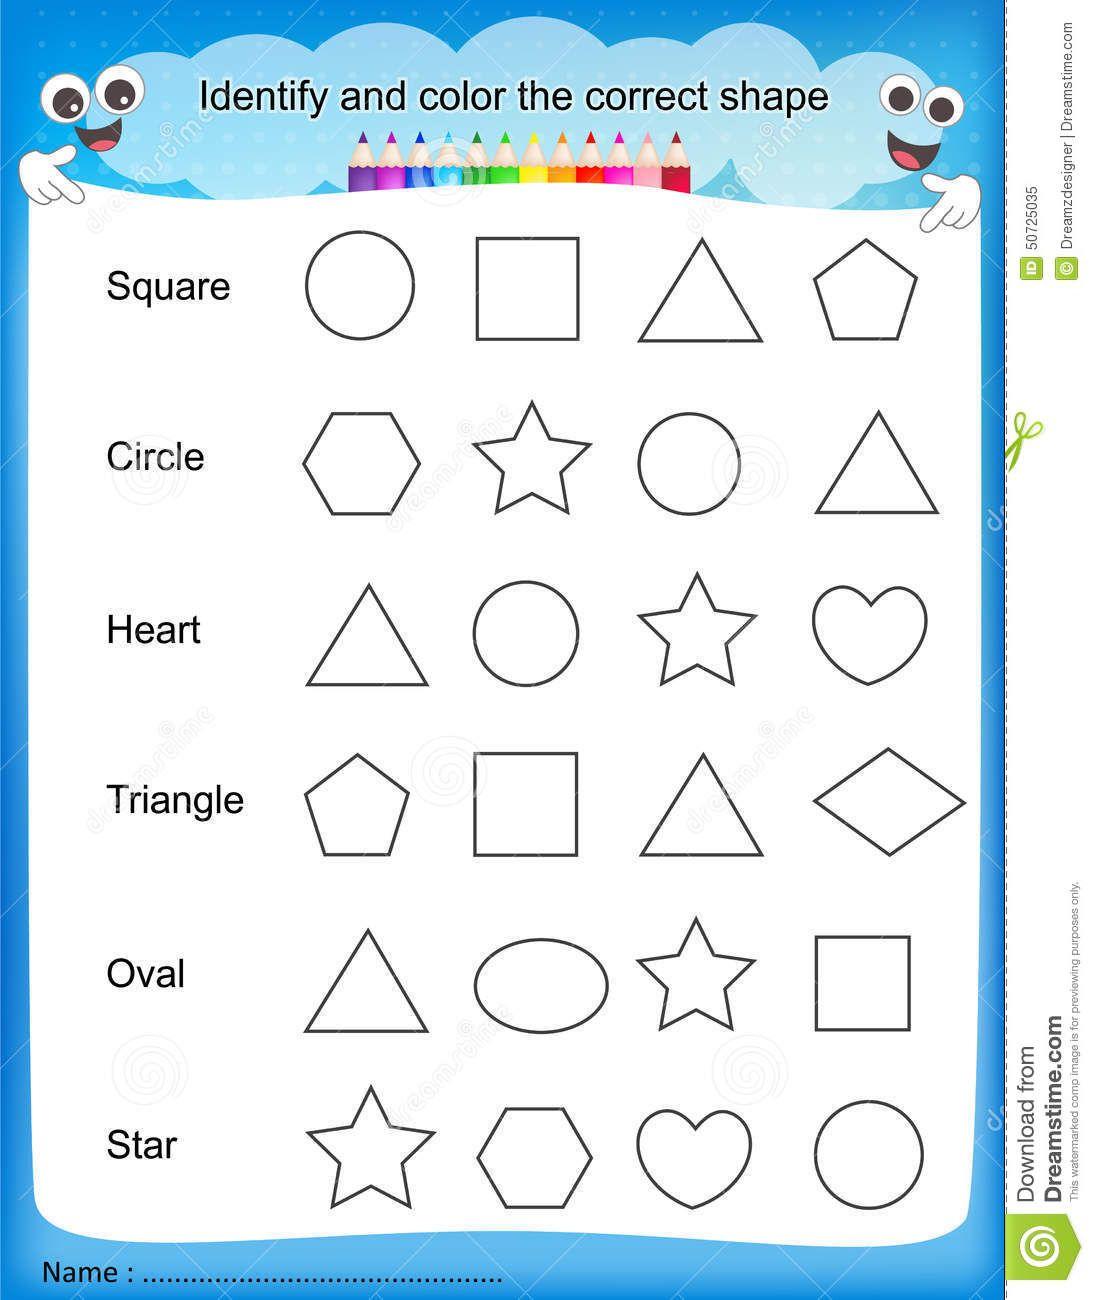 colours worksheet for kindergarten - Color Worksheets For Preschool